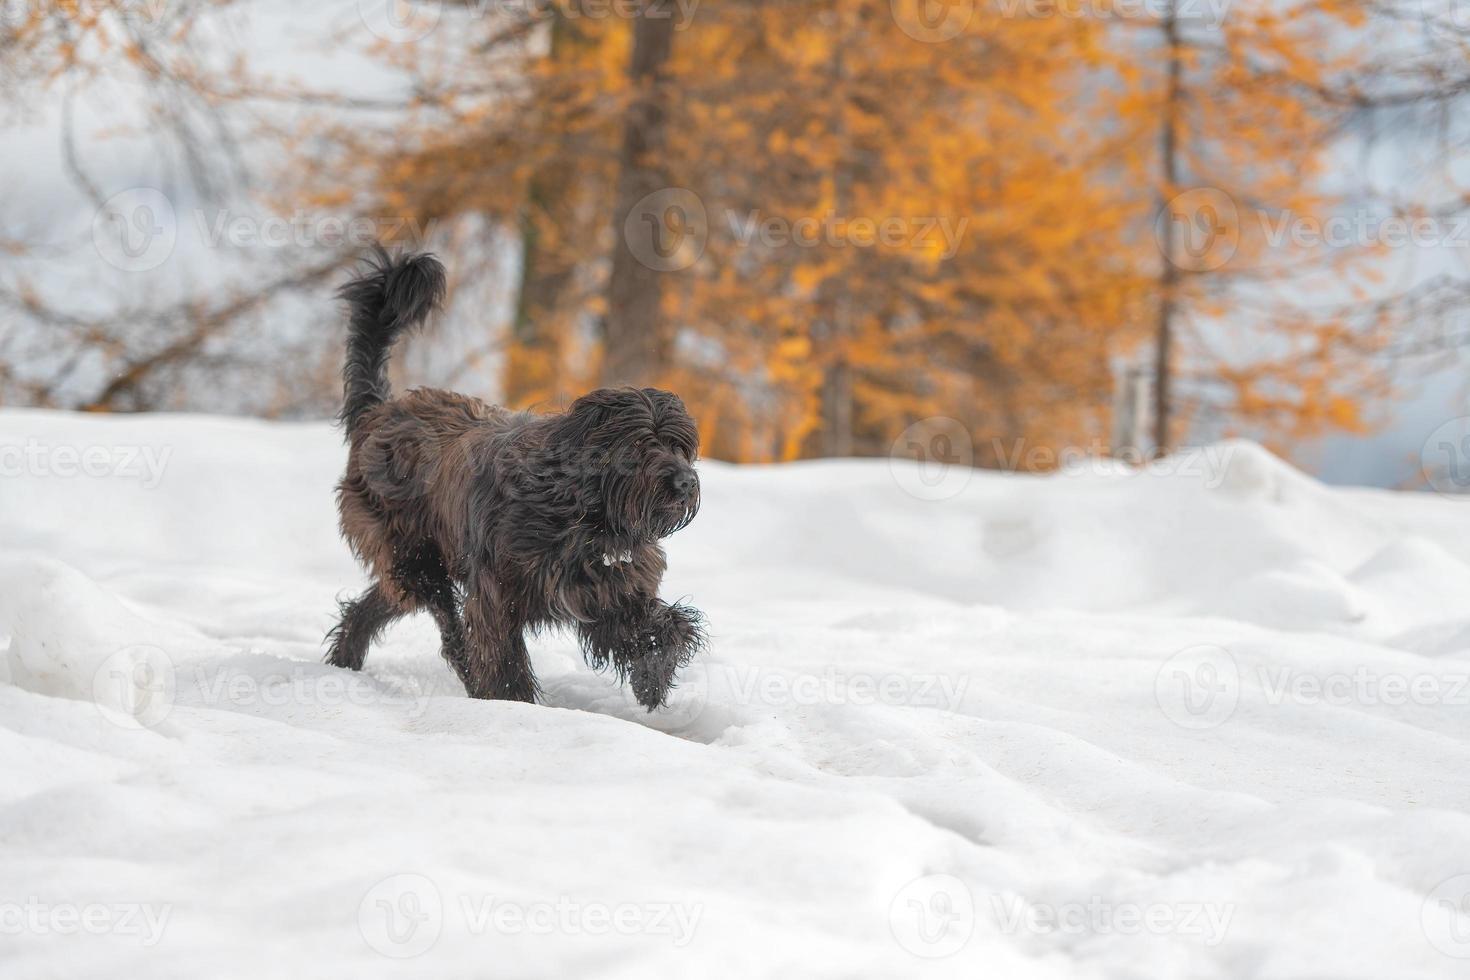 cane da pastore cammina nella neve in autunno foto